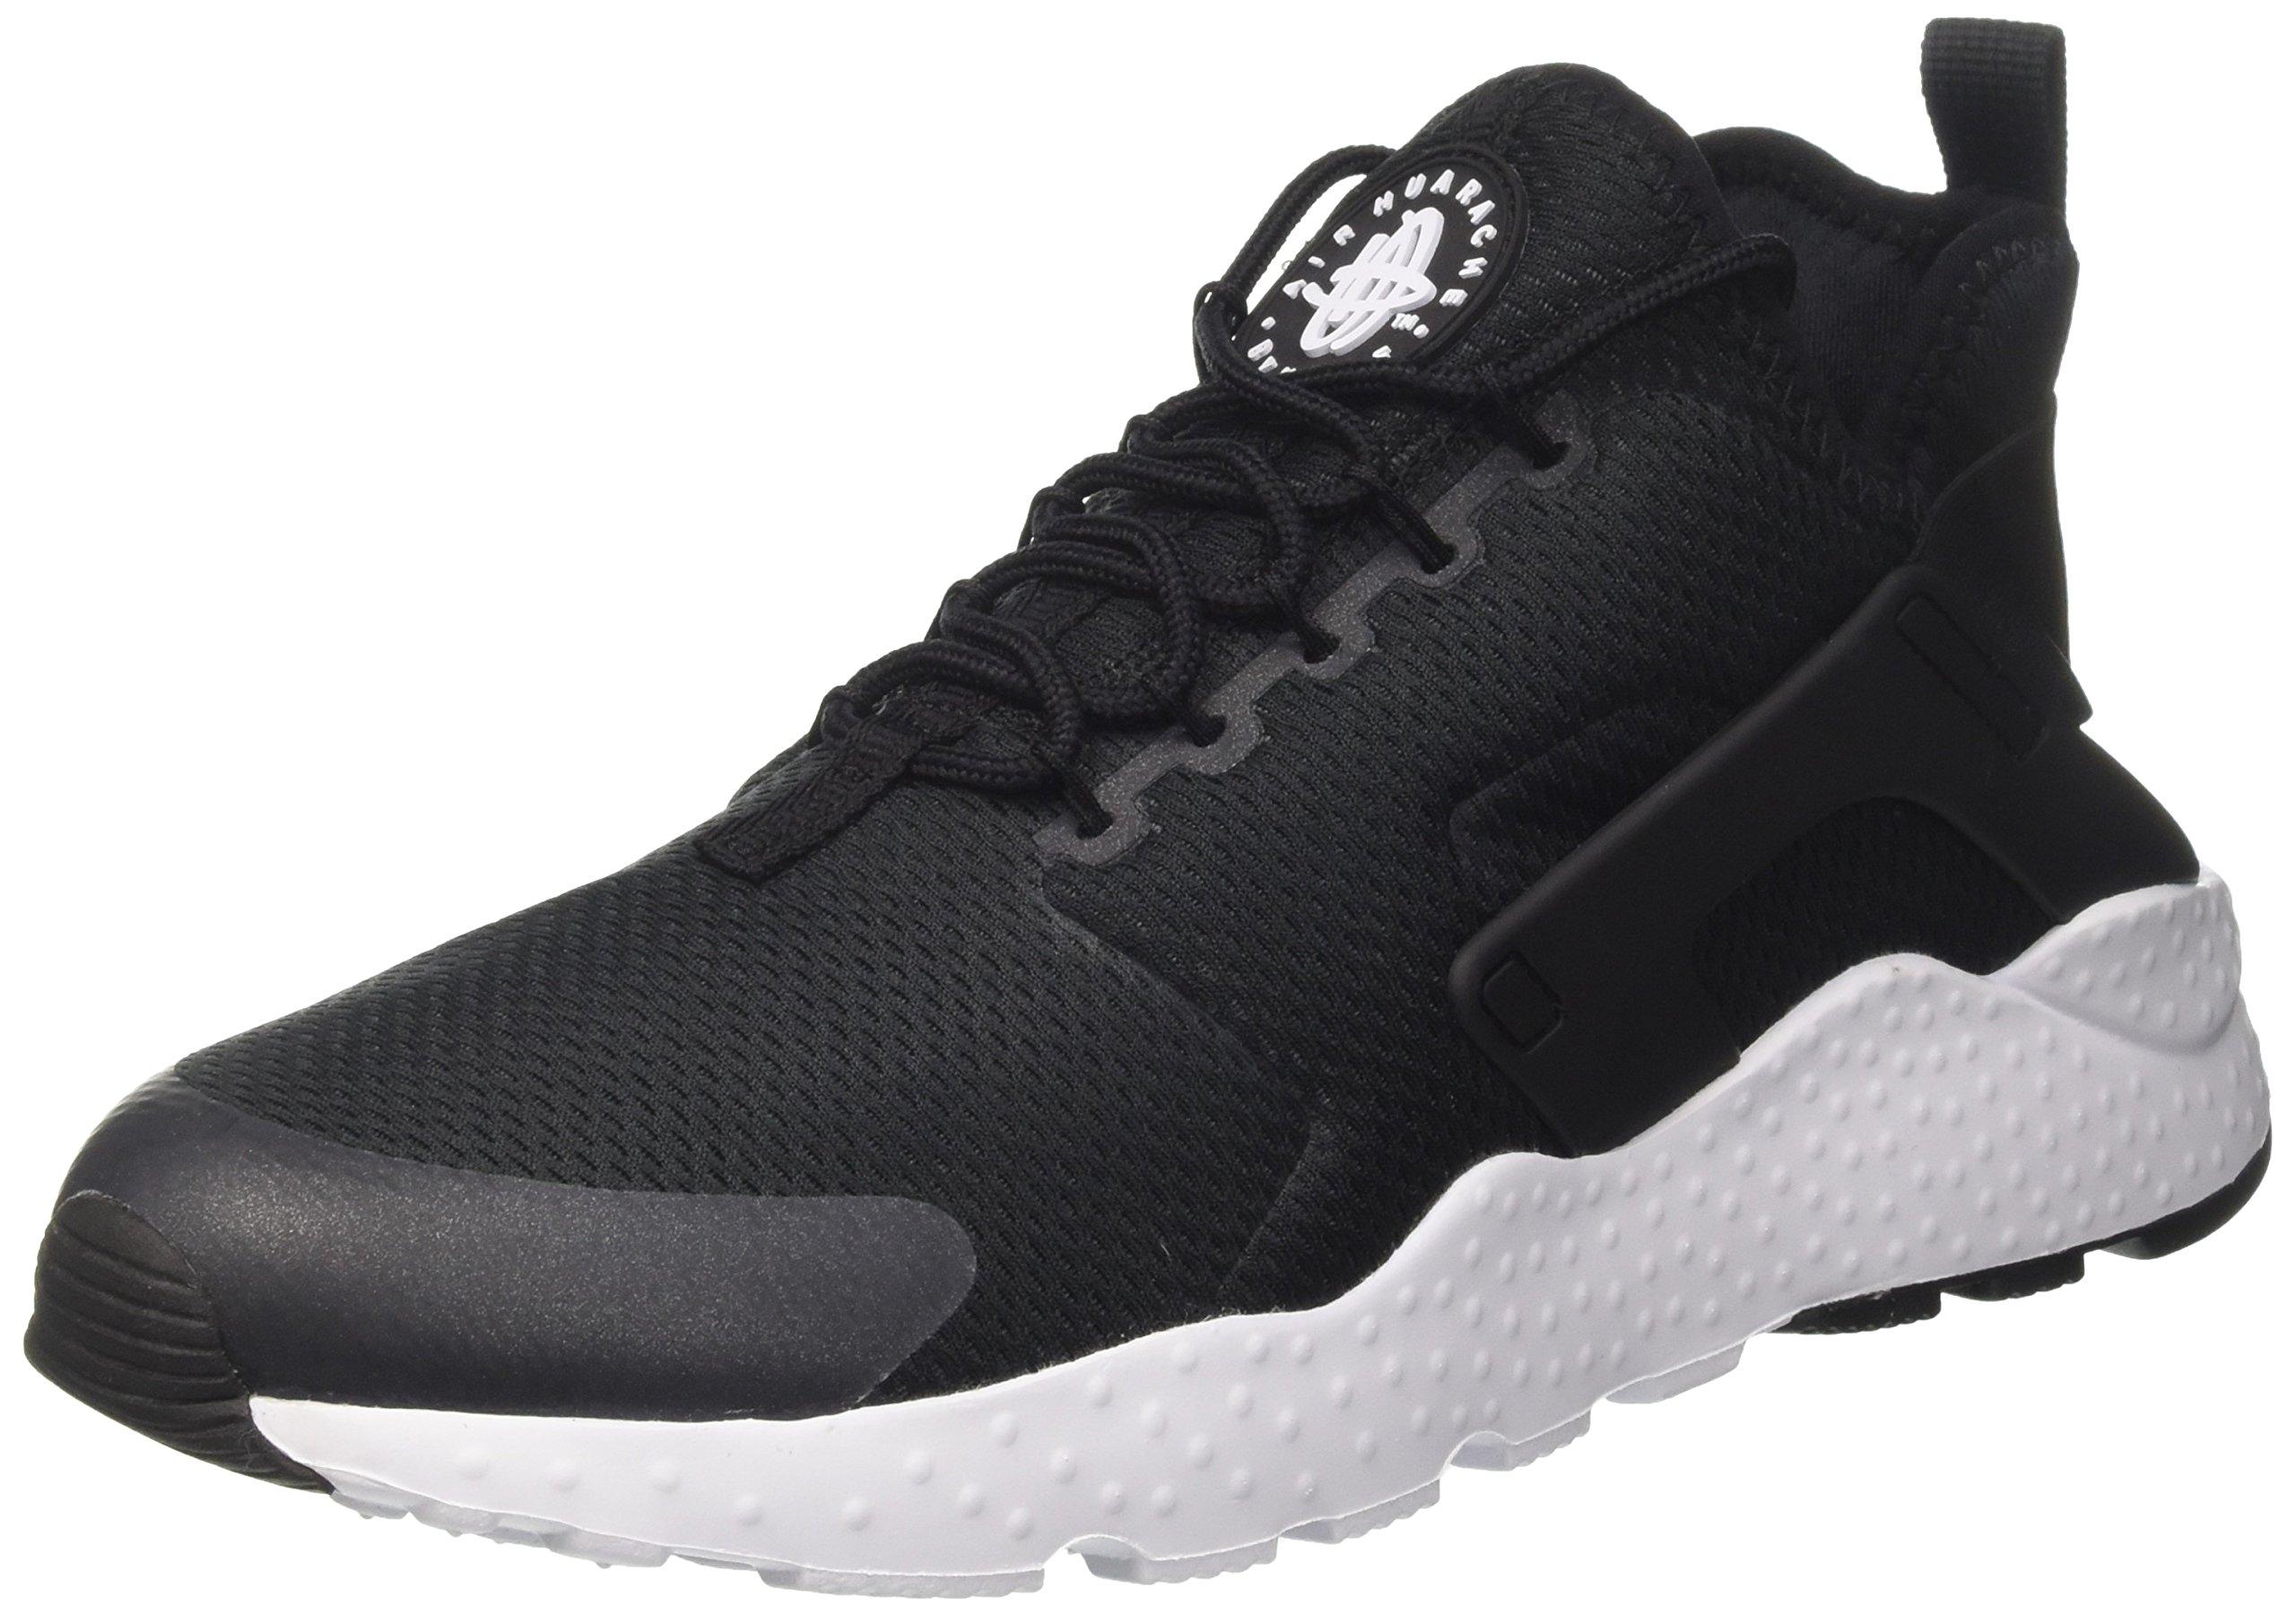 38d27ff2ca2c Nike Huarache Run Ultra White Top Deals   Lowest Price